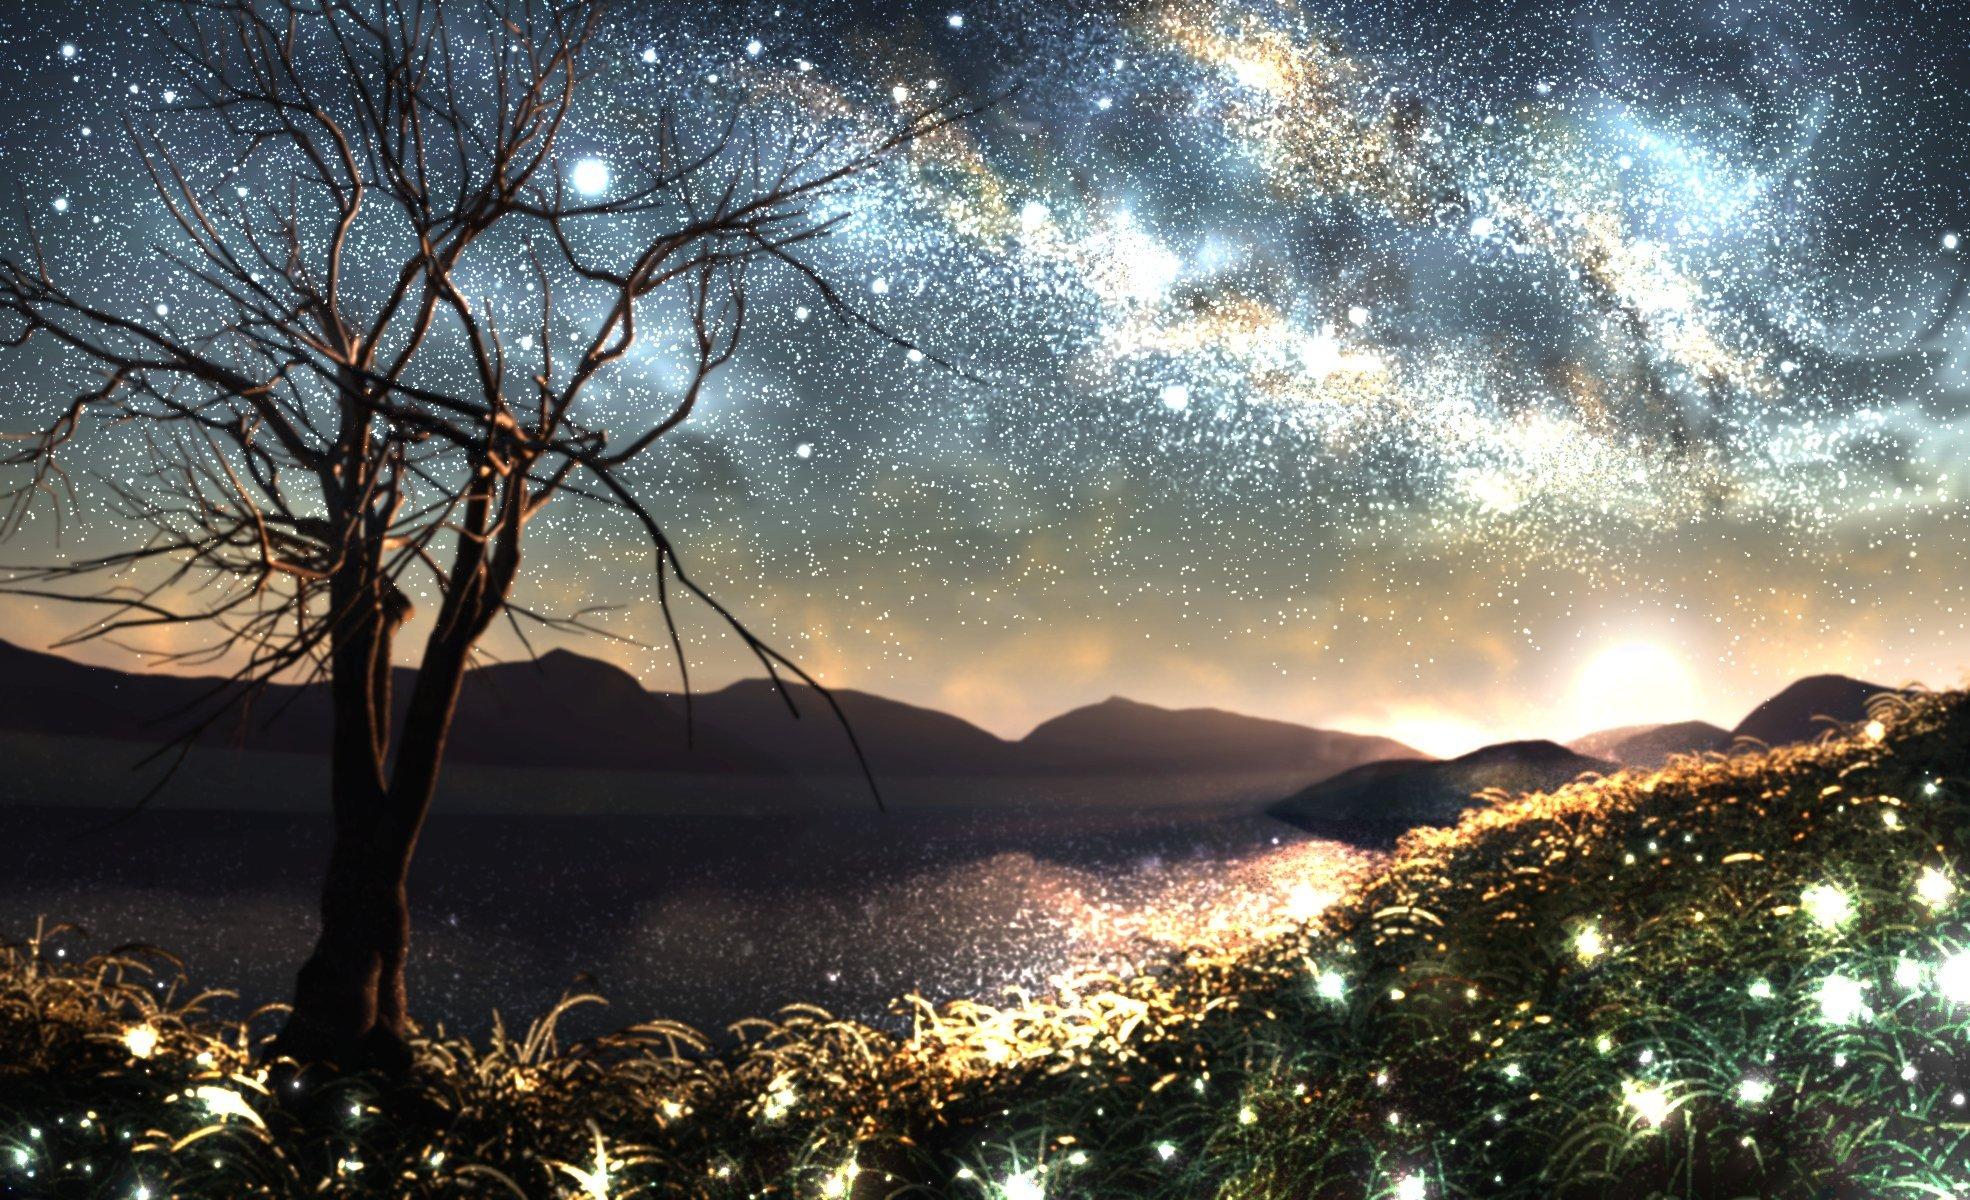 https://www.wallpapertip.com/wmimgs/66-669660_1080p-firefly-wallpaper-hd.jpg